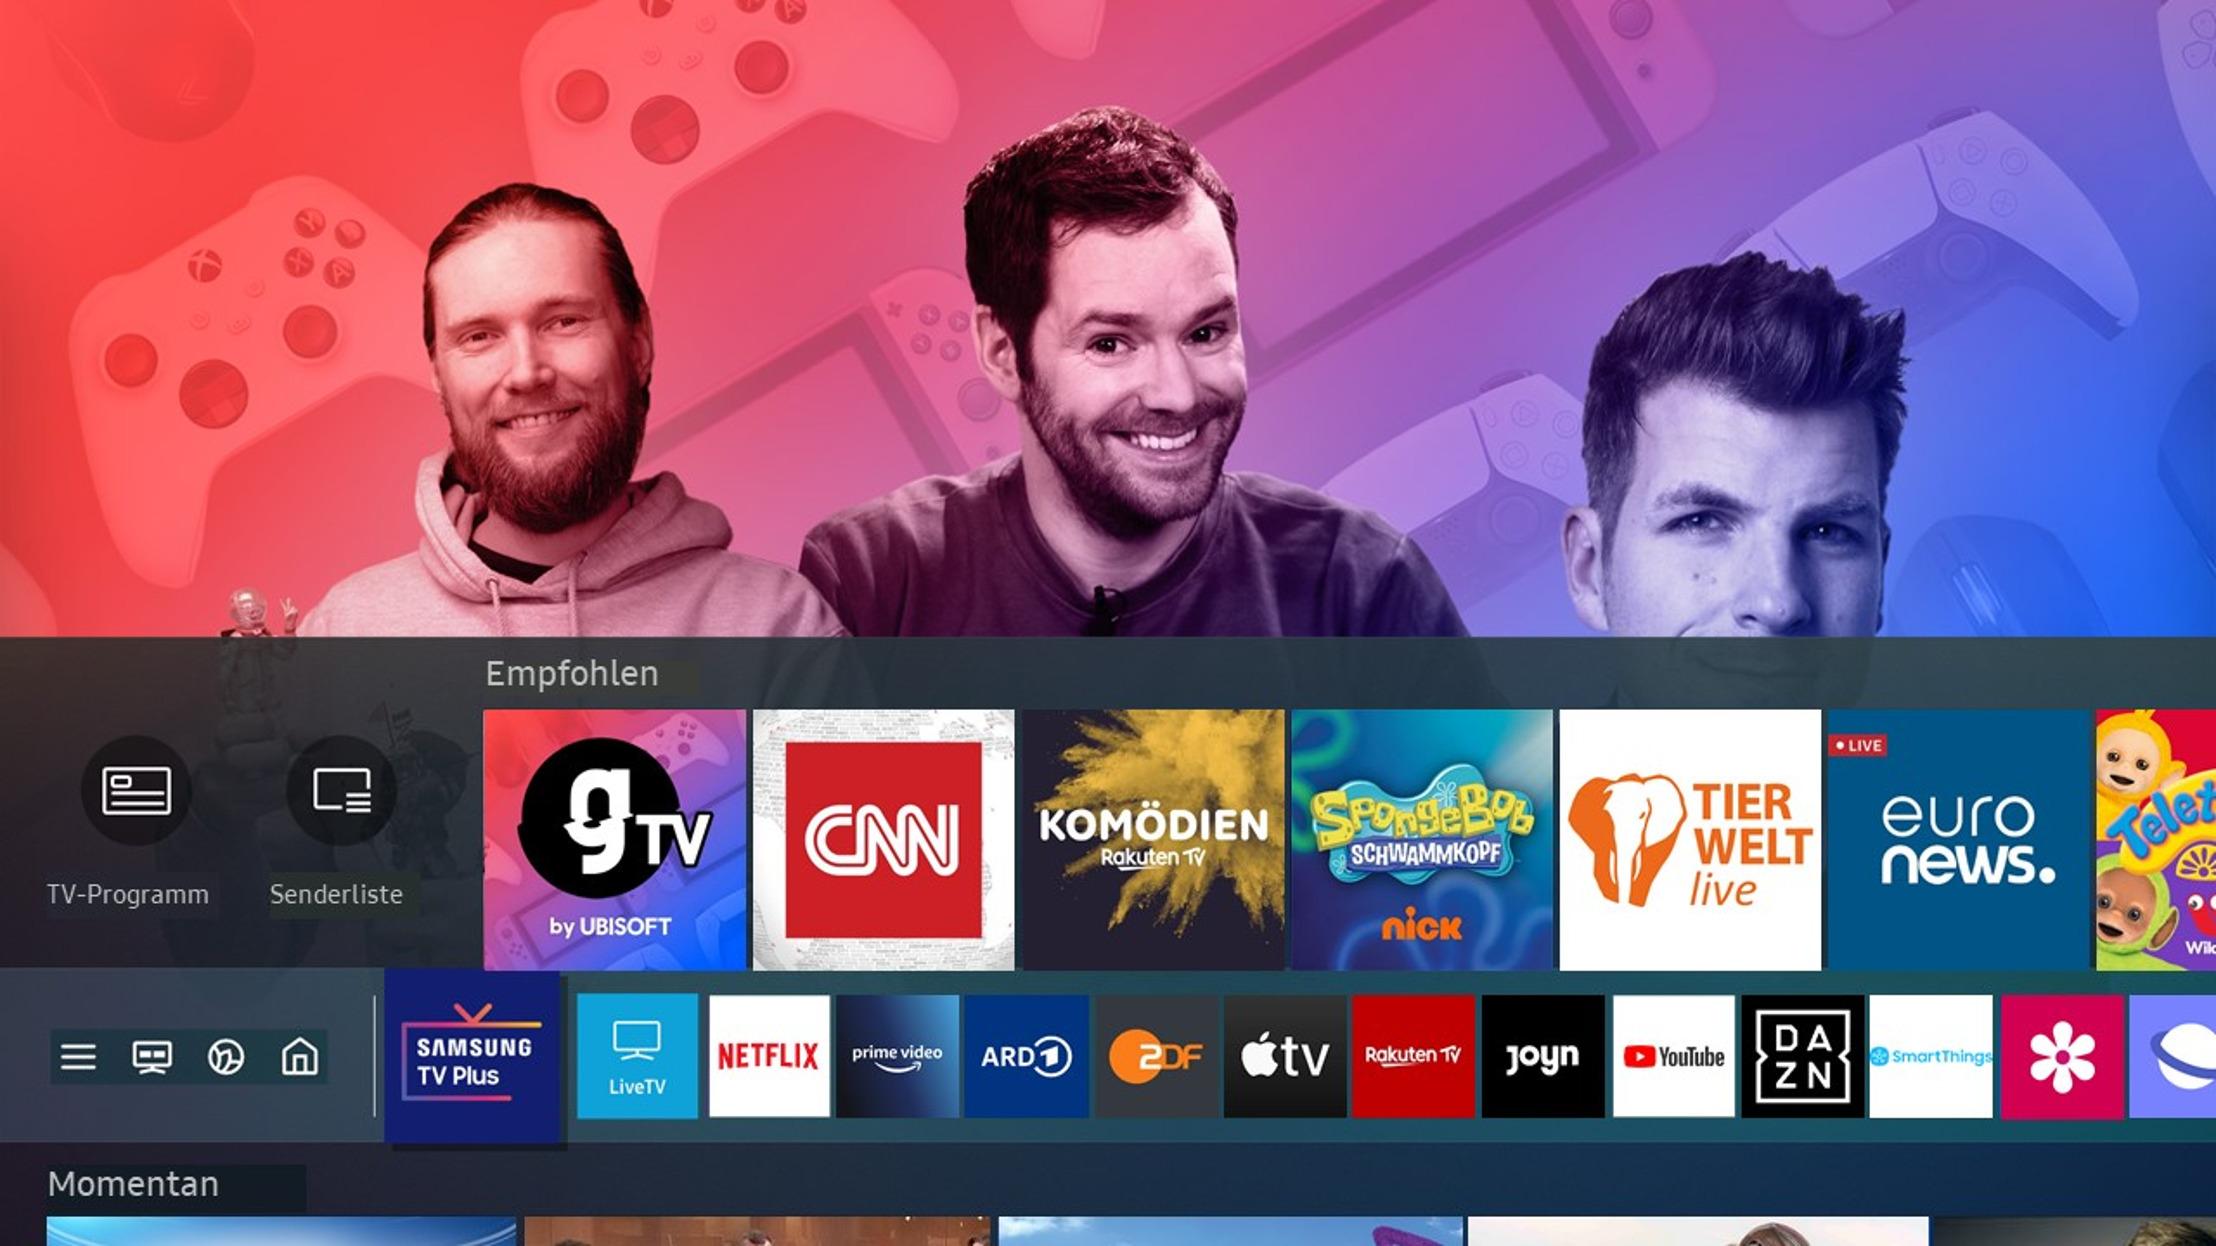 Preview: gTV BY UBISOFT STARTET MIT EINEM NEUEN FORMAT INS ZWEITE JAHR UND FEIERT EINE EXKLUSIVE PARTNERSCHAFT MIT SAMSUNG TV PLUS